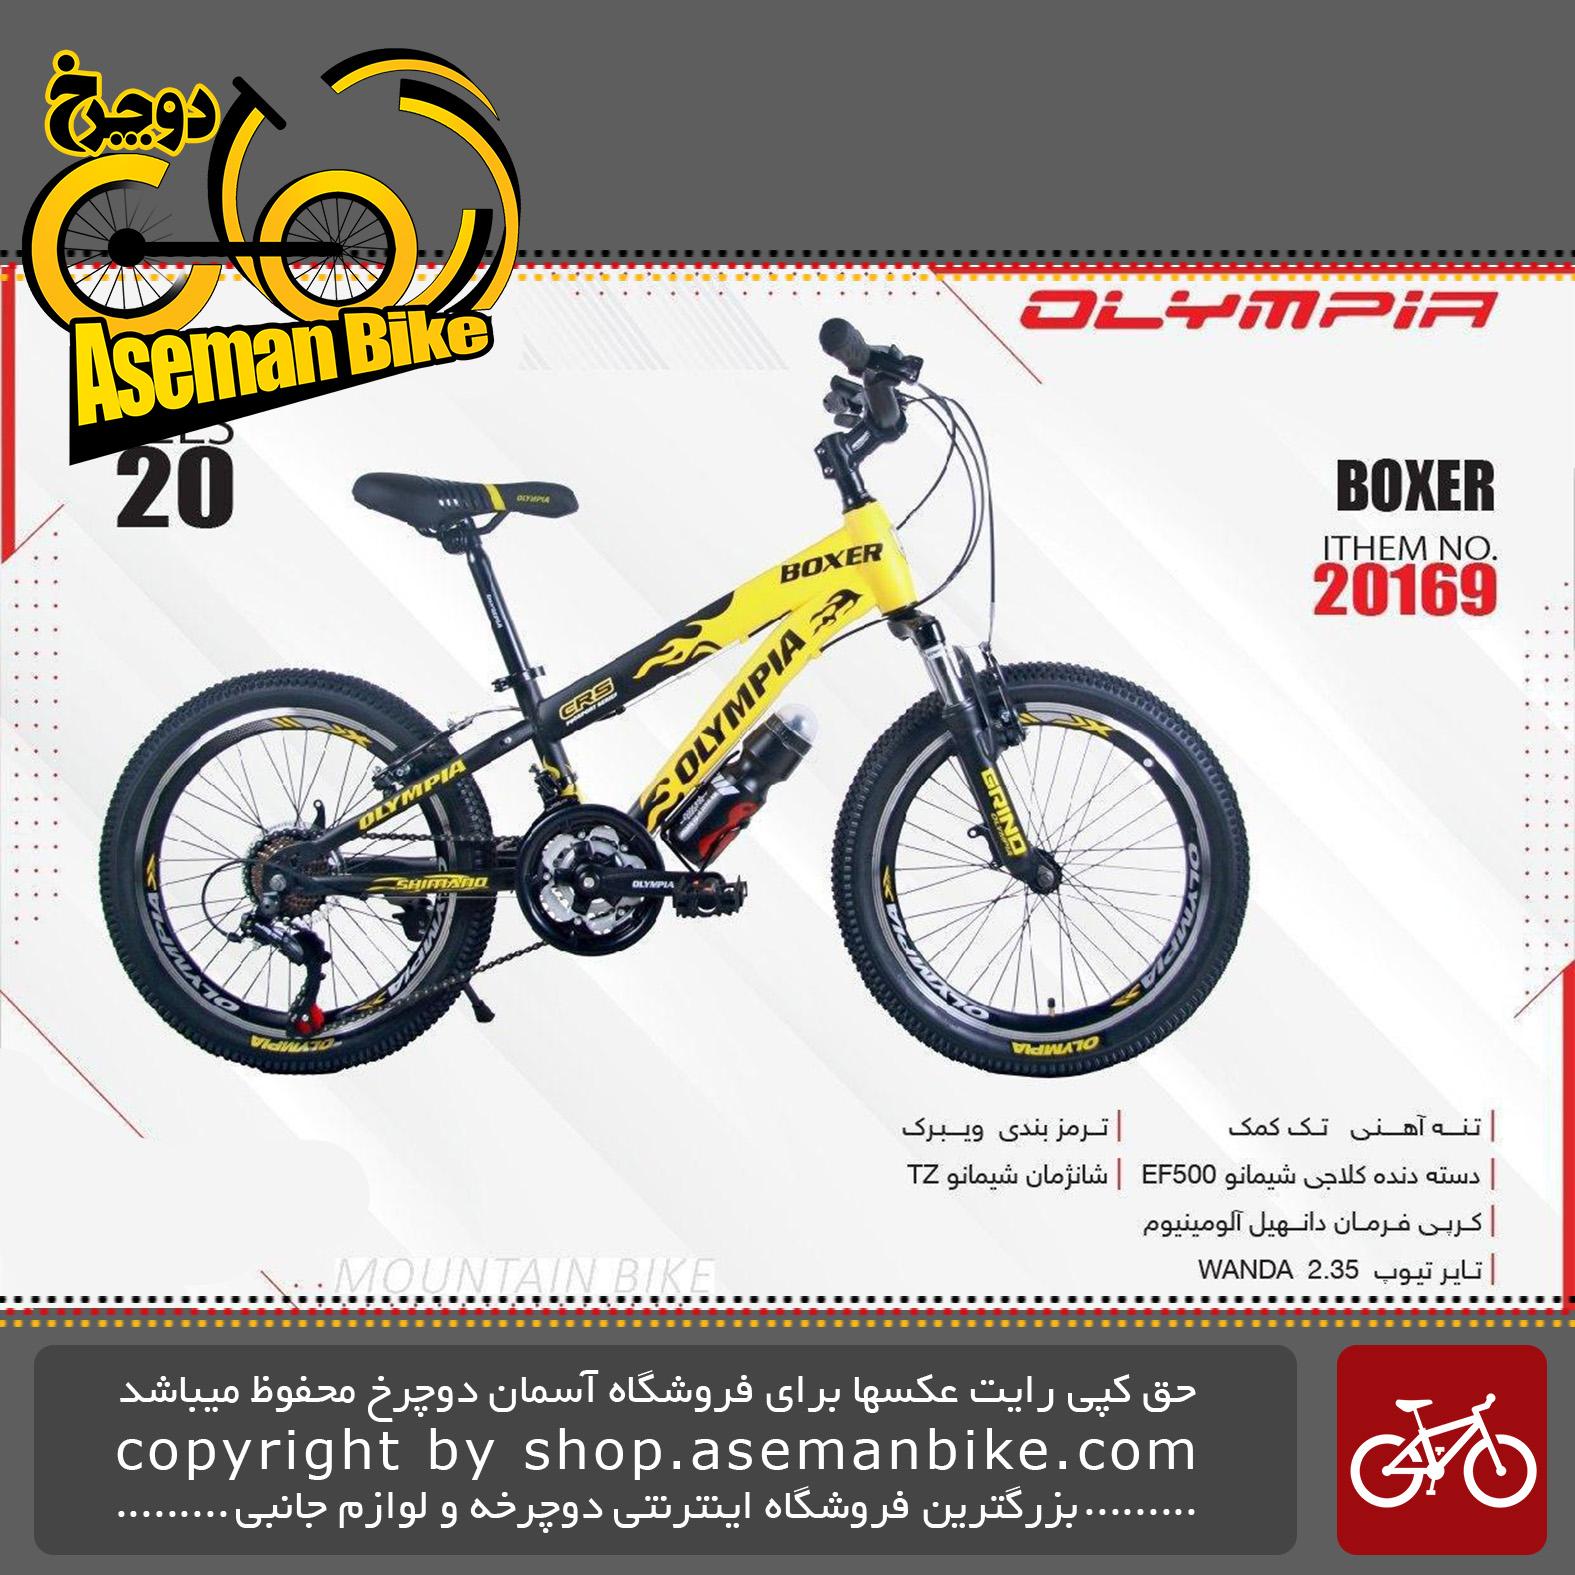 دوچرخه کوهستان شهری المپیا سایز 20 مدل باکسر OLYMPIA Bicycle Size 20 Model BOXER